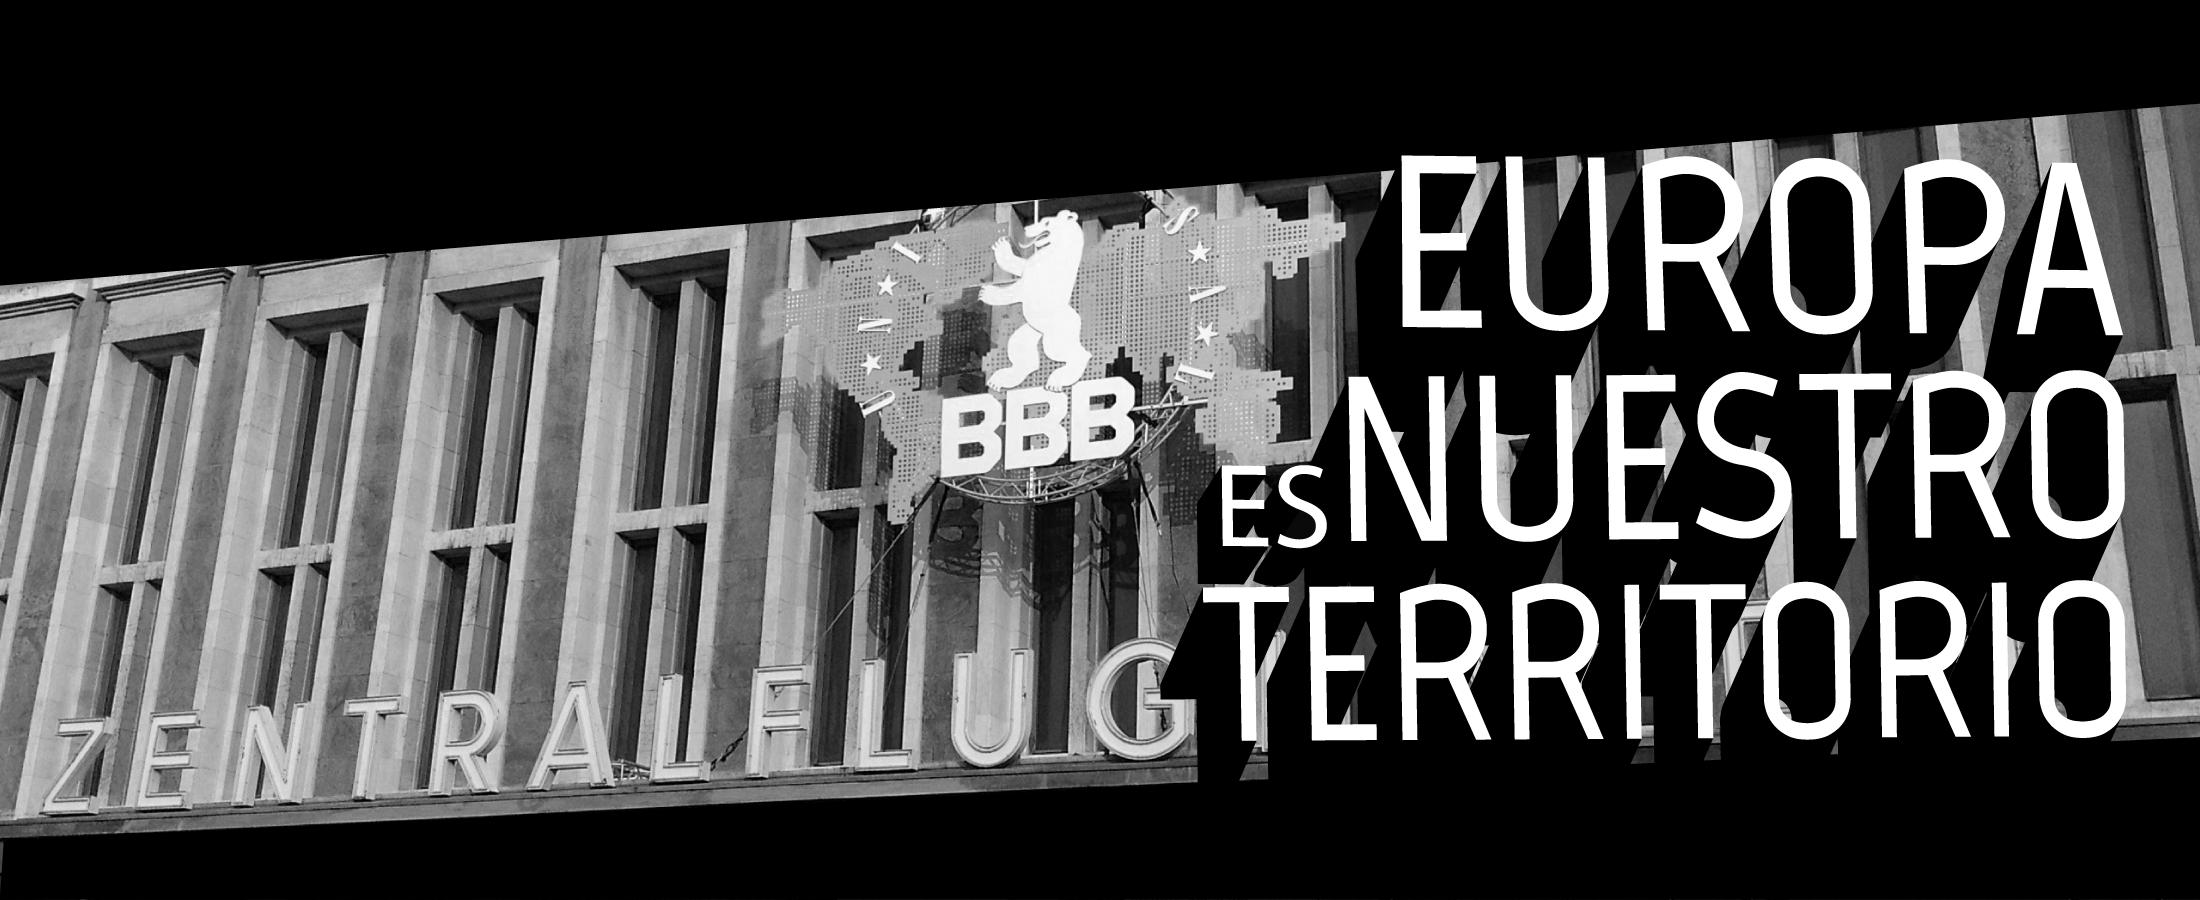 bg_europa